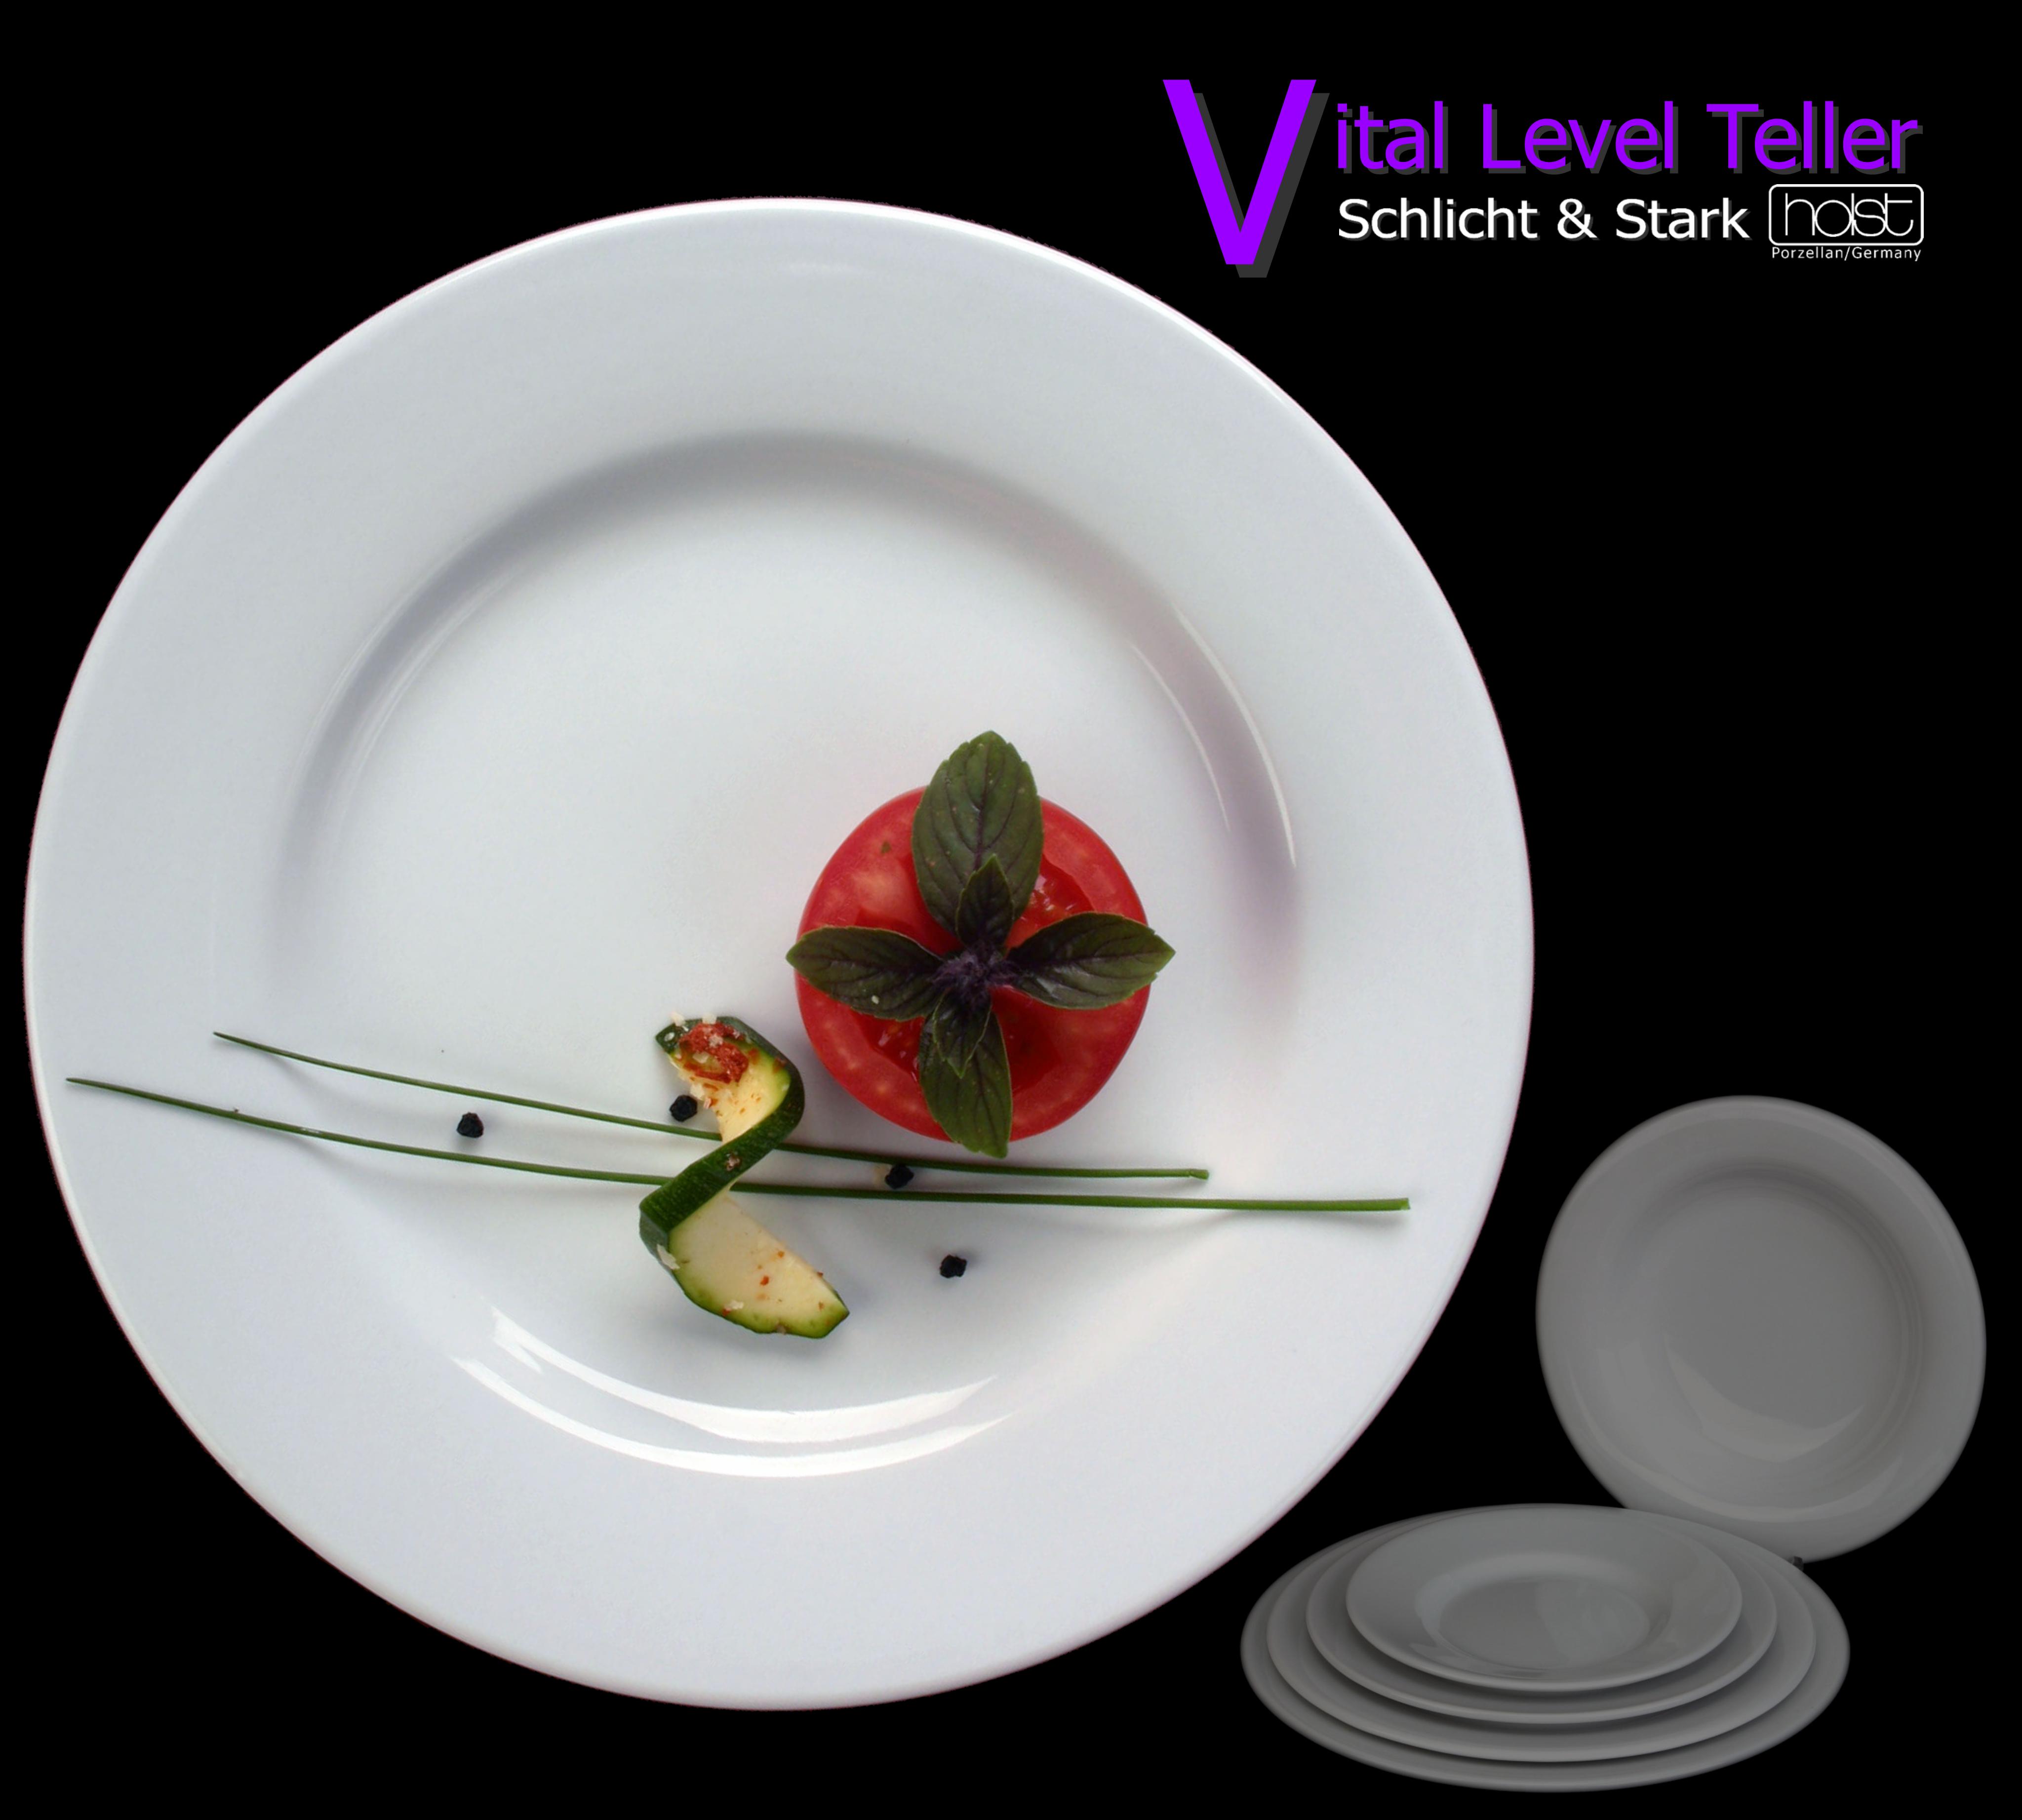 Vital-Level-Teller-Schmuckbild